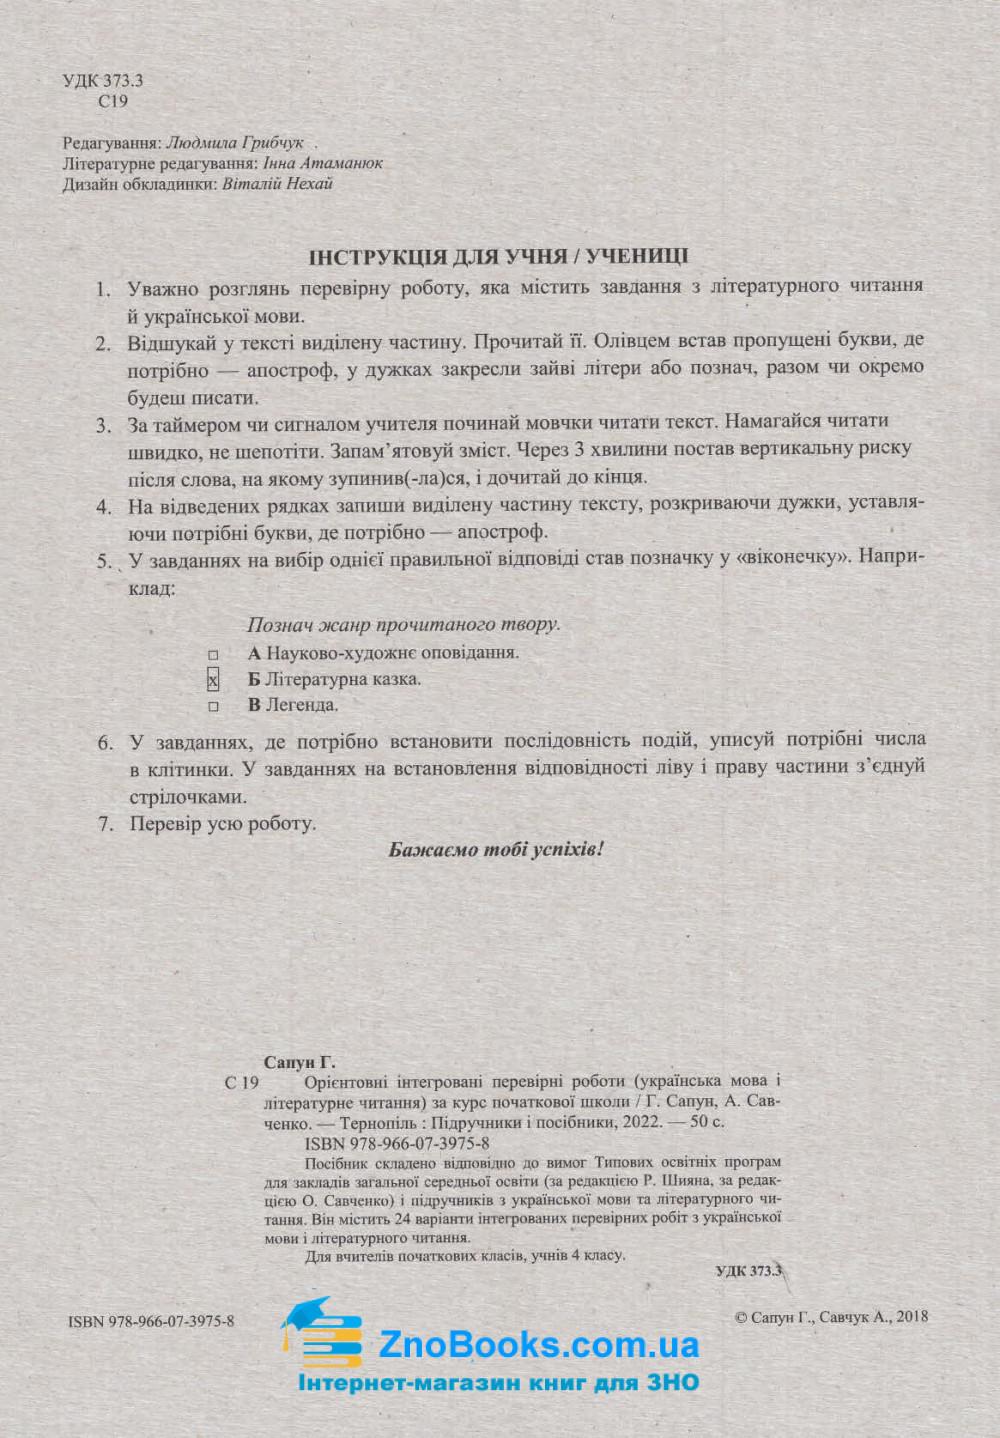 ДПА 4 клас 2022 з Українська мова (читання). Орієнтовні перевірні роботи : Сапун Г. Підручники і посібники. 1